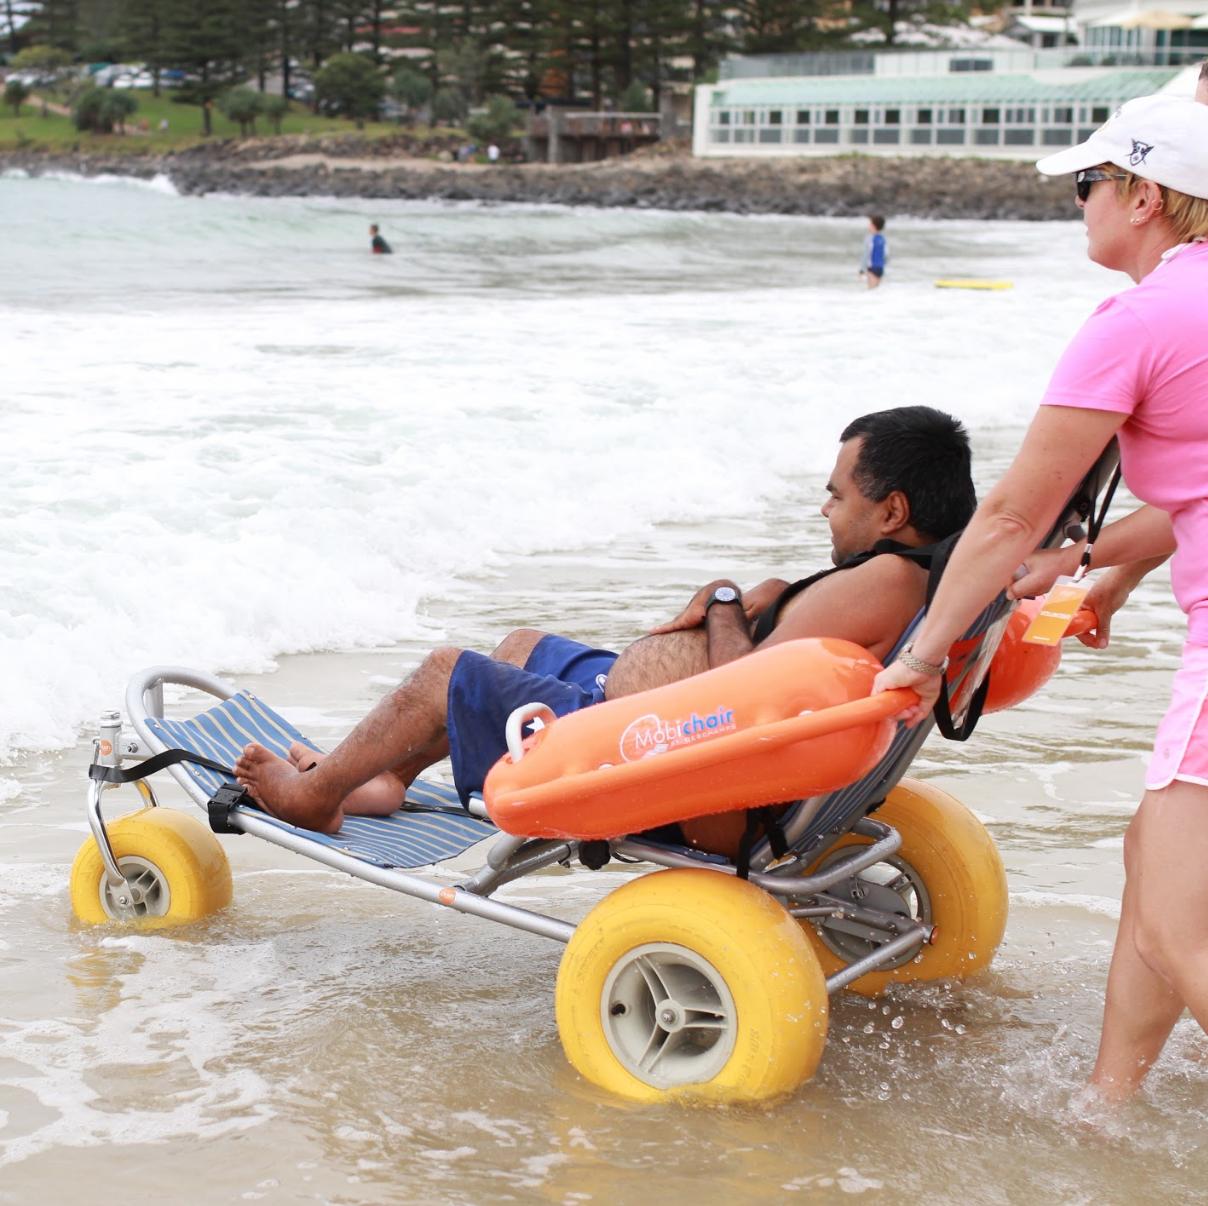 Burleigh-Heads-Wheelchair-Beach.png